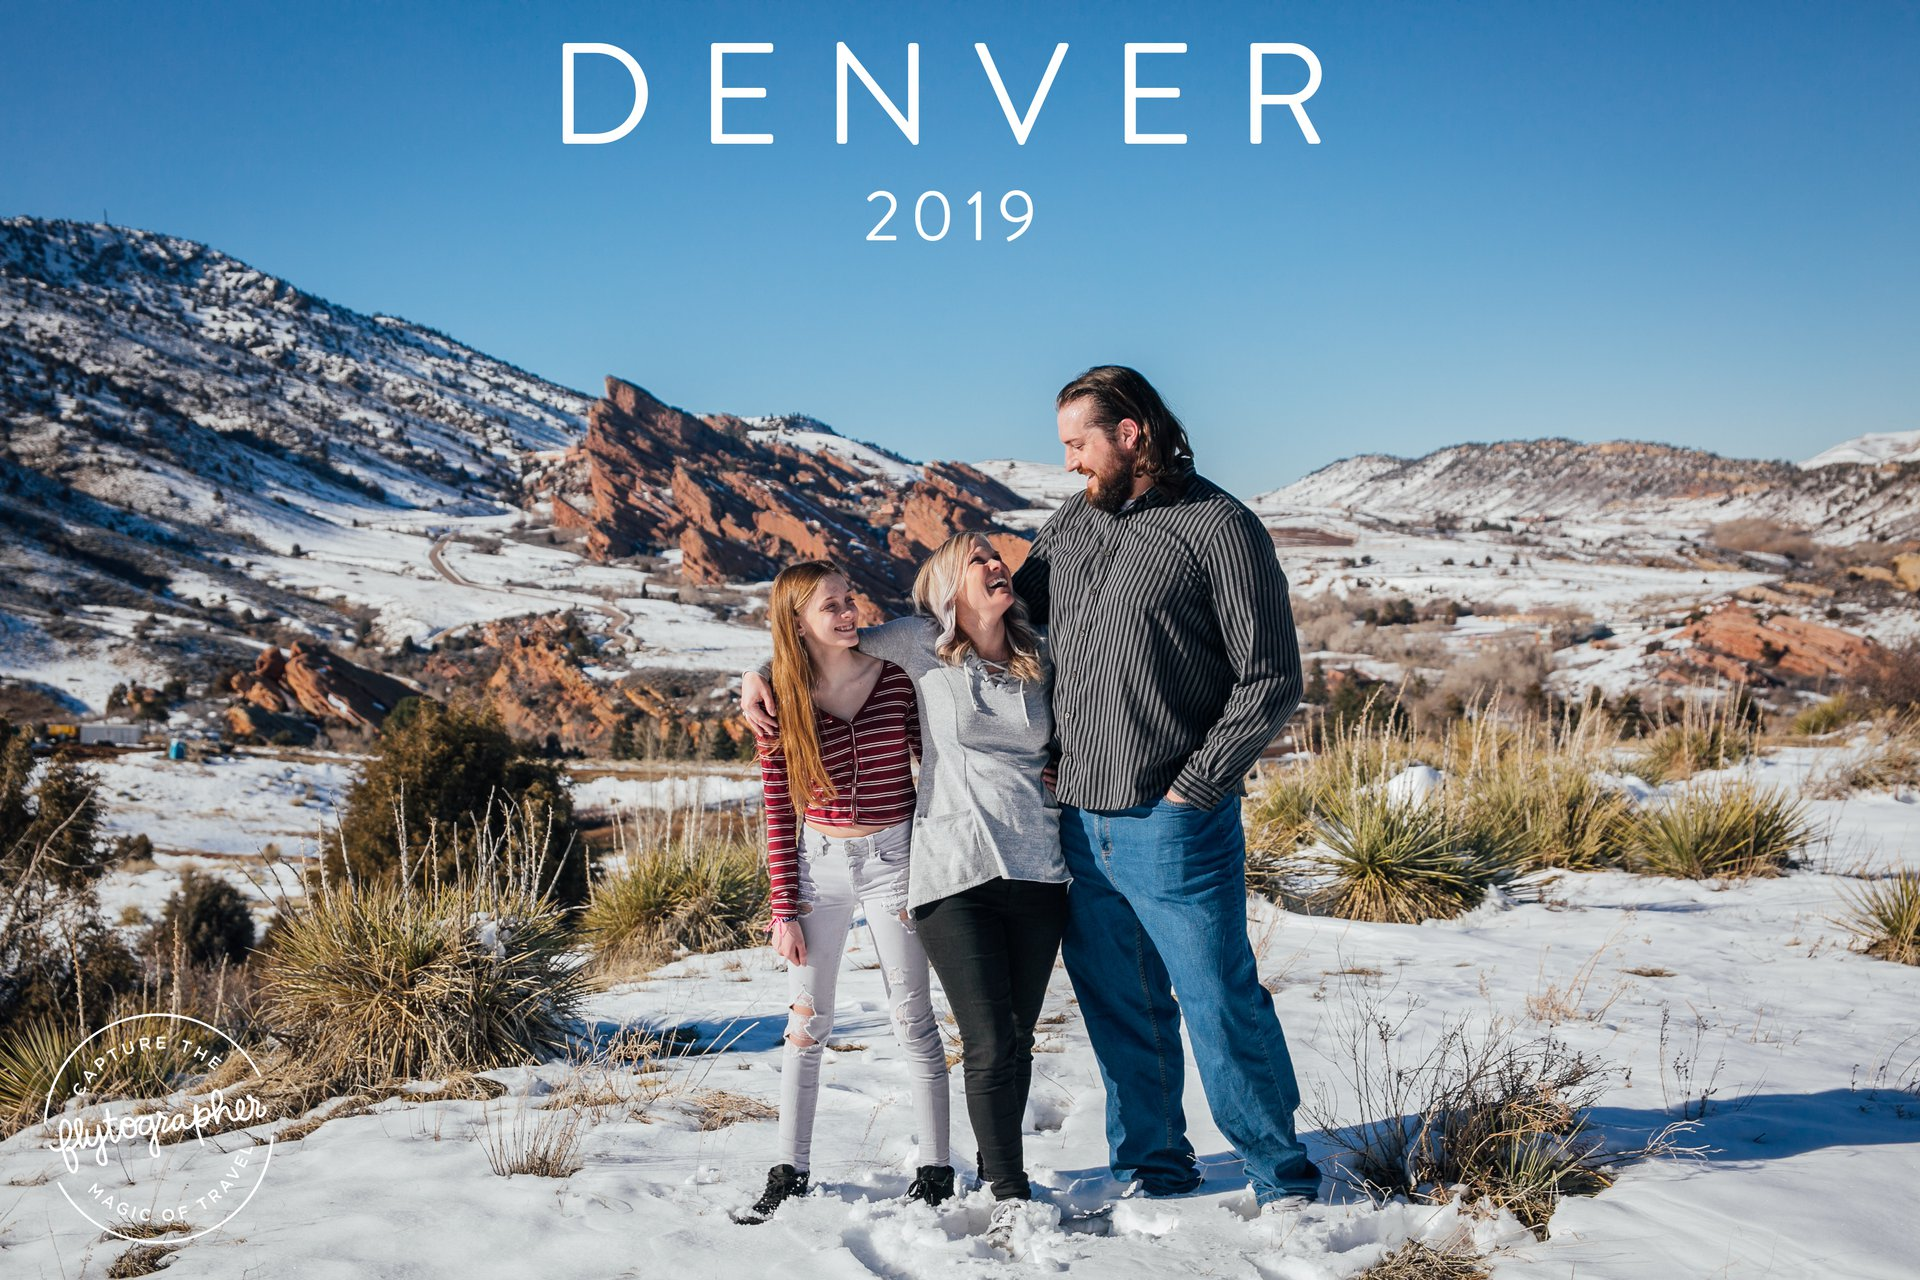 Flytographer Travel Story - Denver 2019